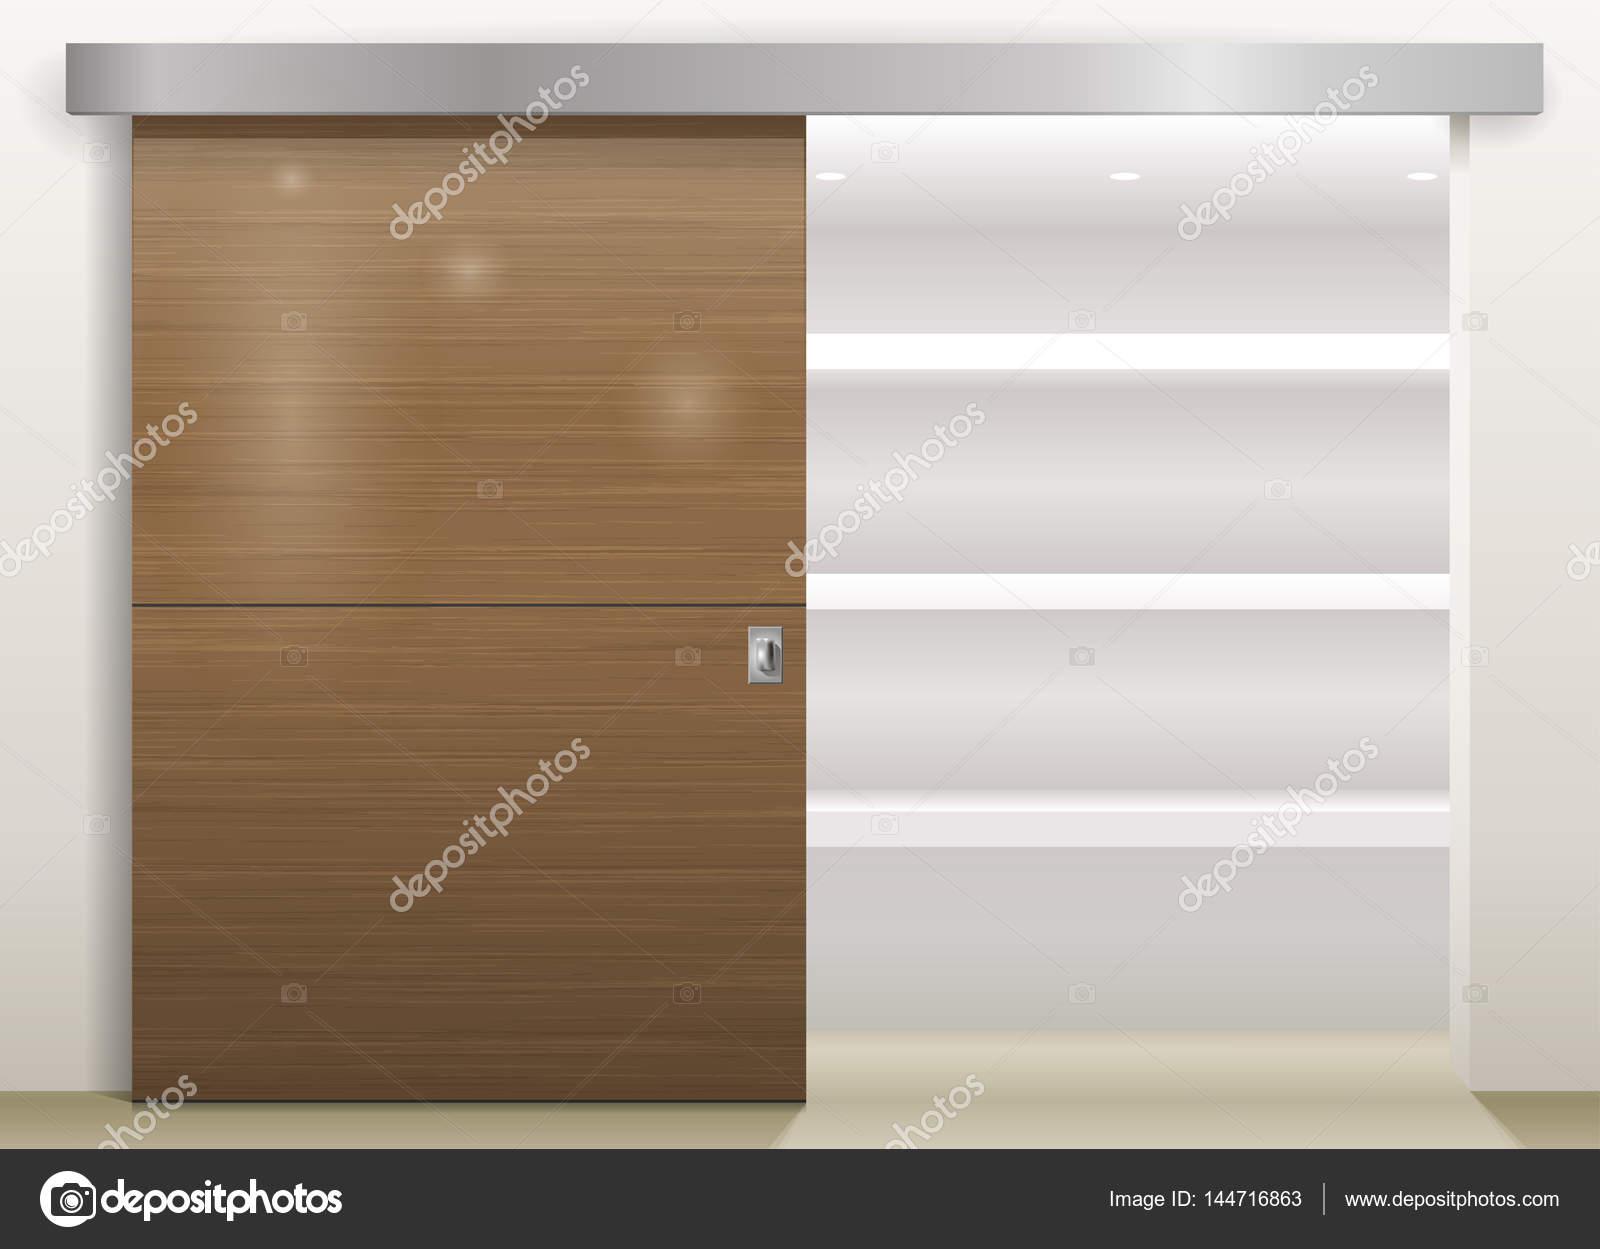 Garderobe Met Schuifdeuren.Schuifdeur Garderobe Stockvector C Denisik11 144716863